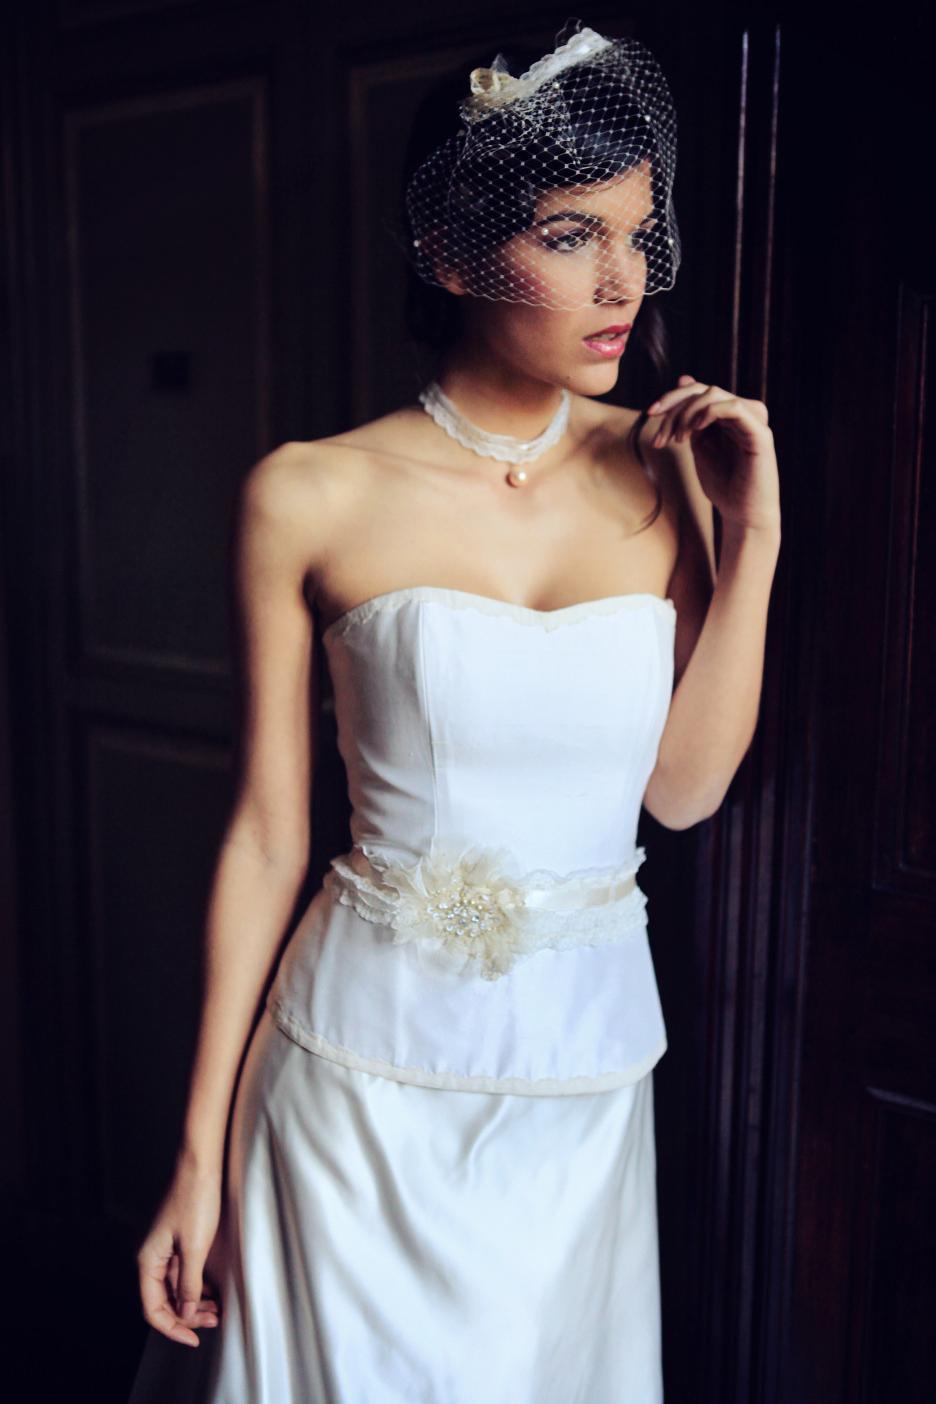 Mes essayages de robes de mariée : du néant à l'illumination